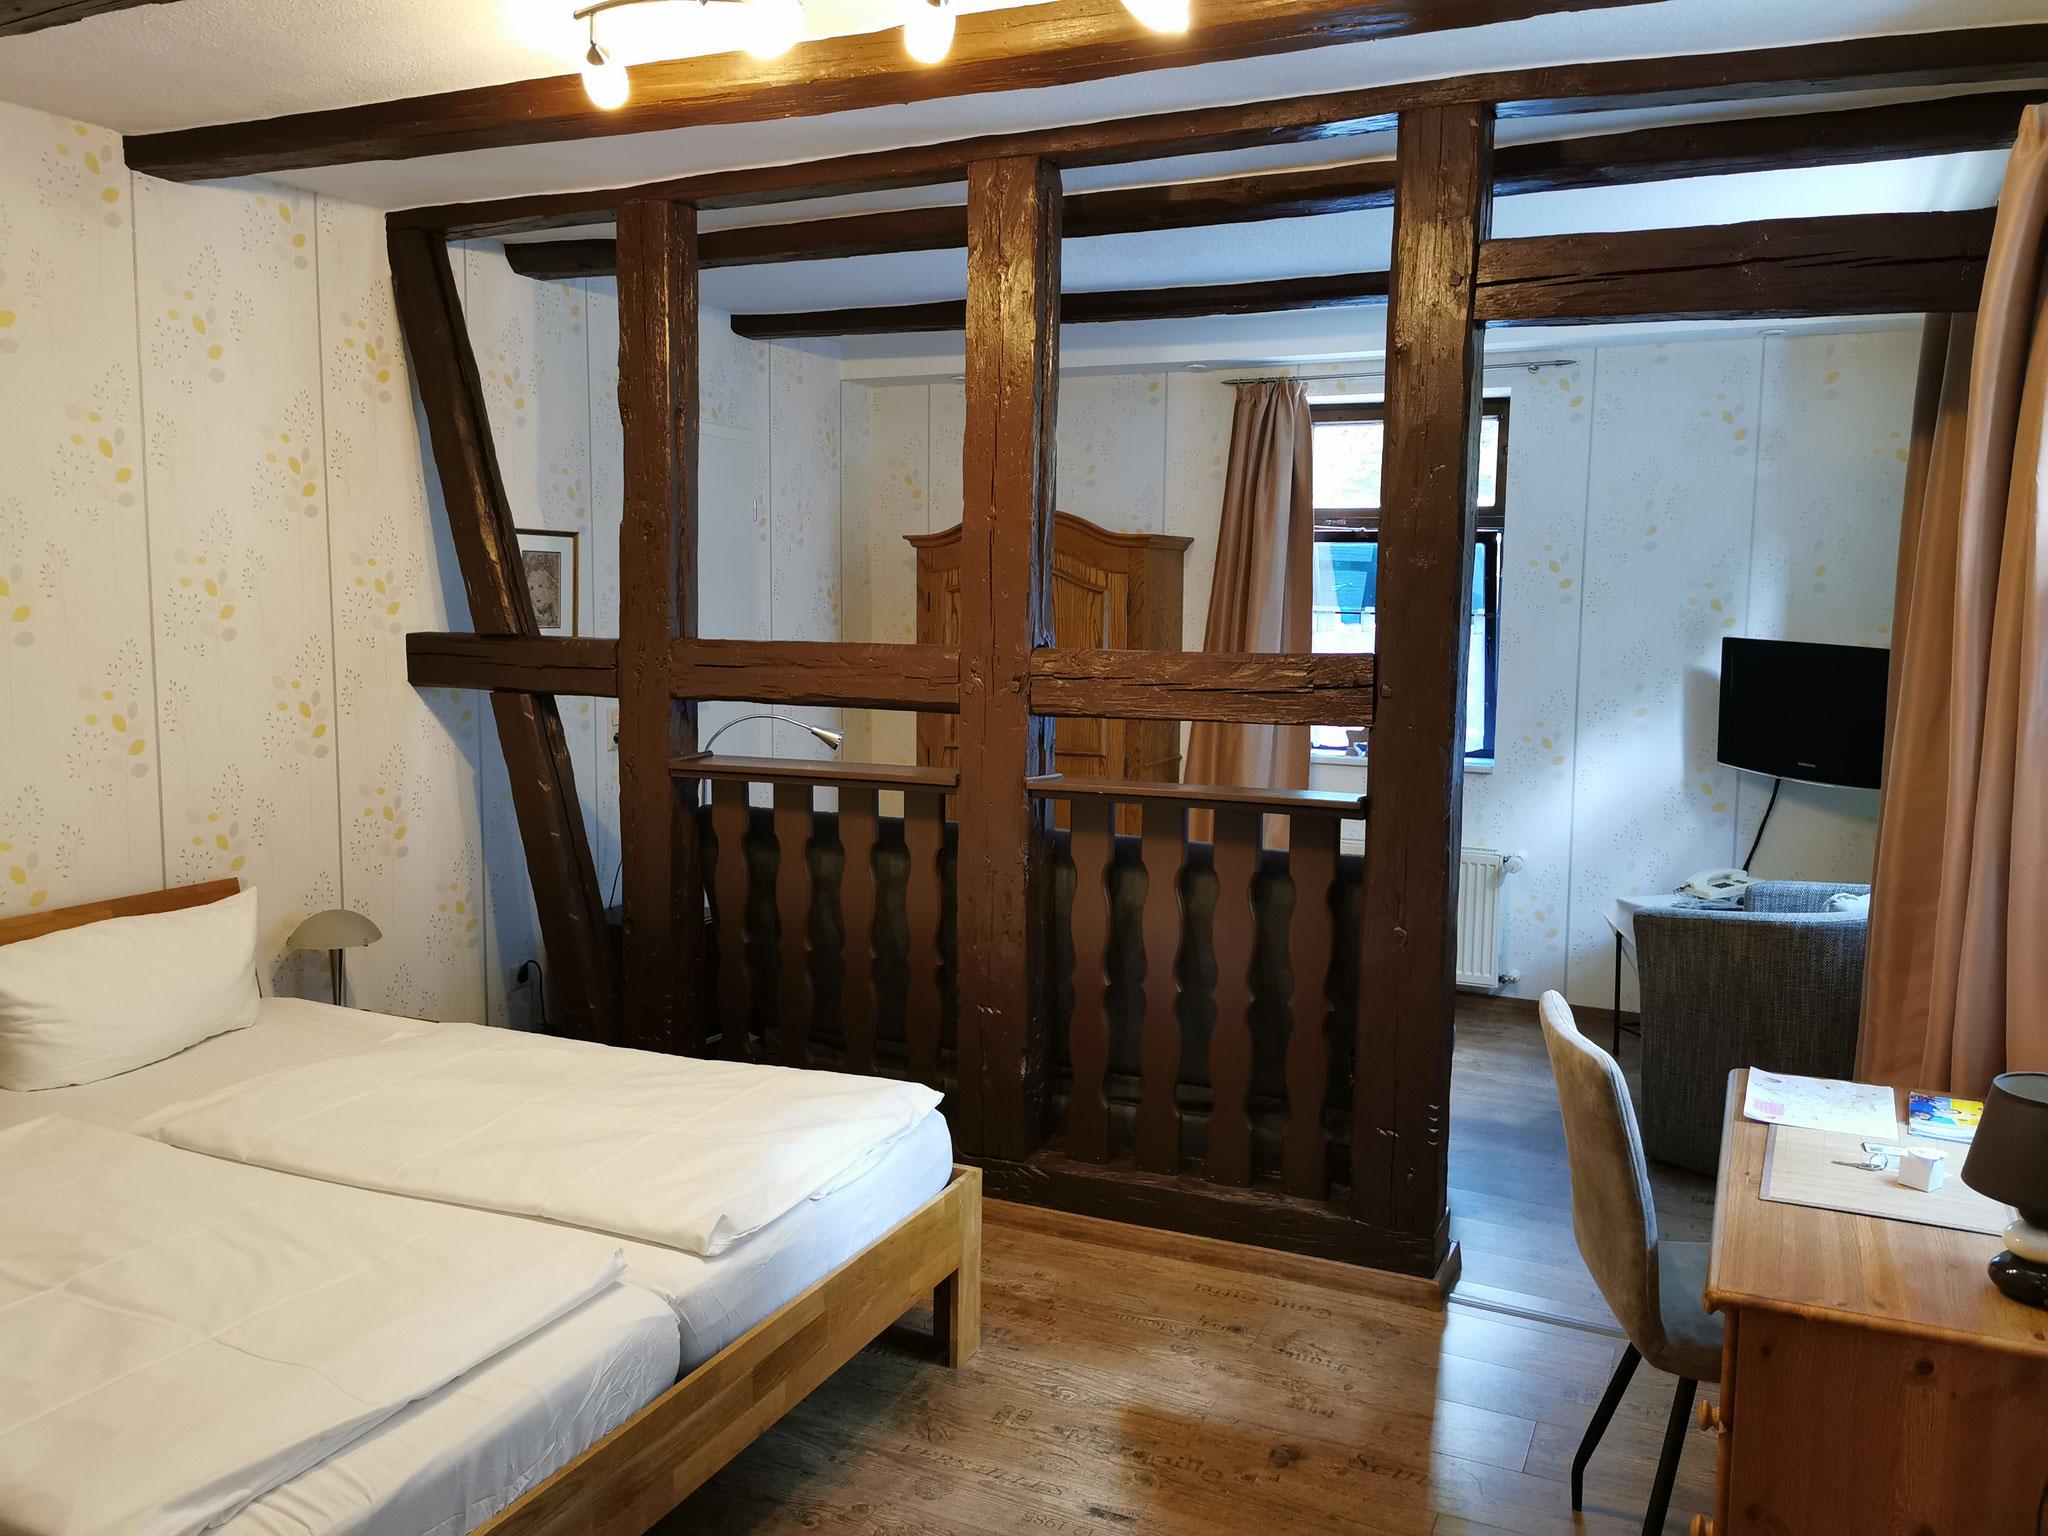 Doppelzimmer im Fachwerkhaus